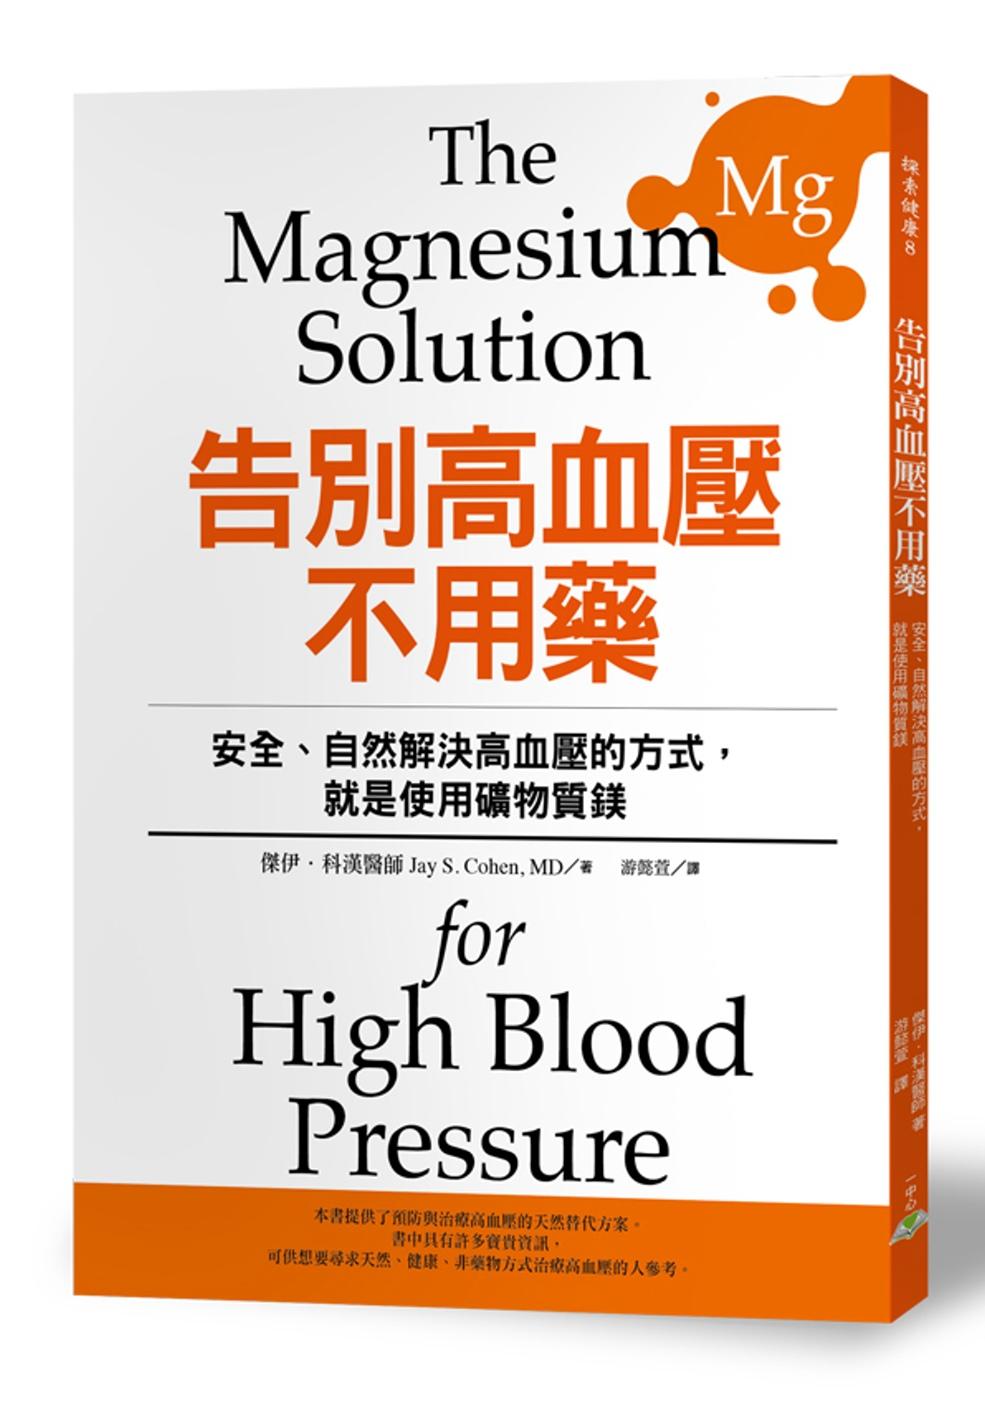 ◤博客來BOOKS◢ 暢銷書榜《推薦》告別高血壓不用藥:安全、自然解決高血壓的方式,就是使用礦物質鎂